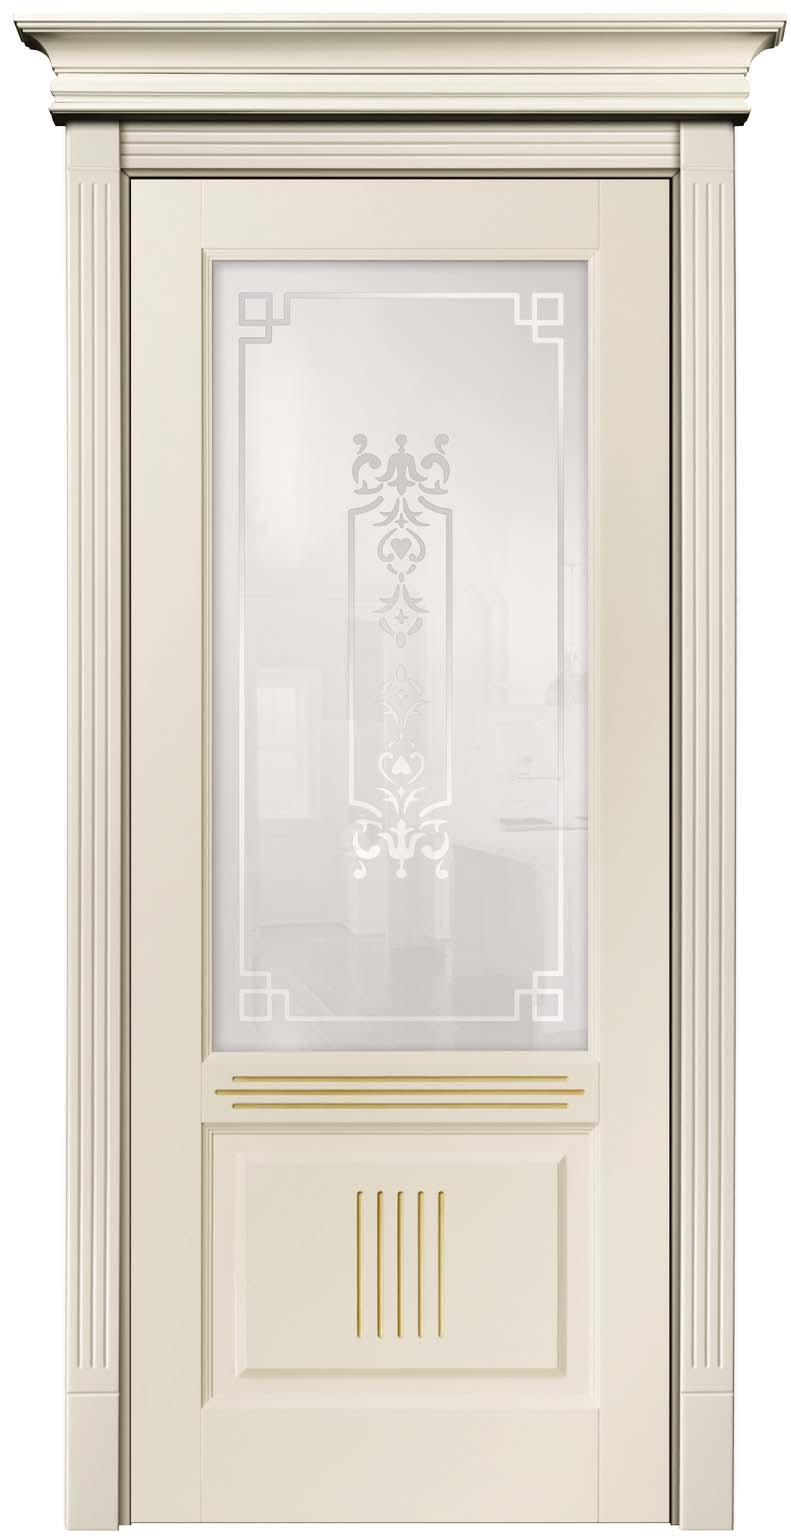 Державин - крашенная эмалью межкомнатная дверь из массива бука, бежевая (Слоновая Кость) с патиной